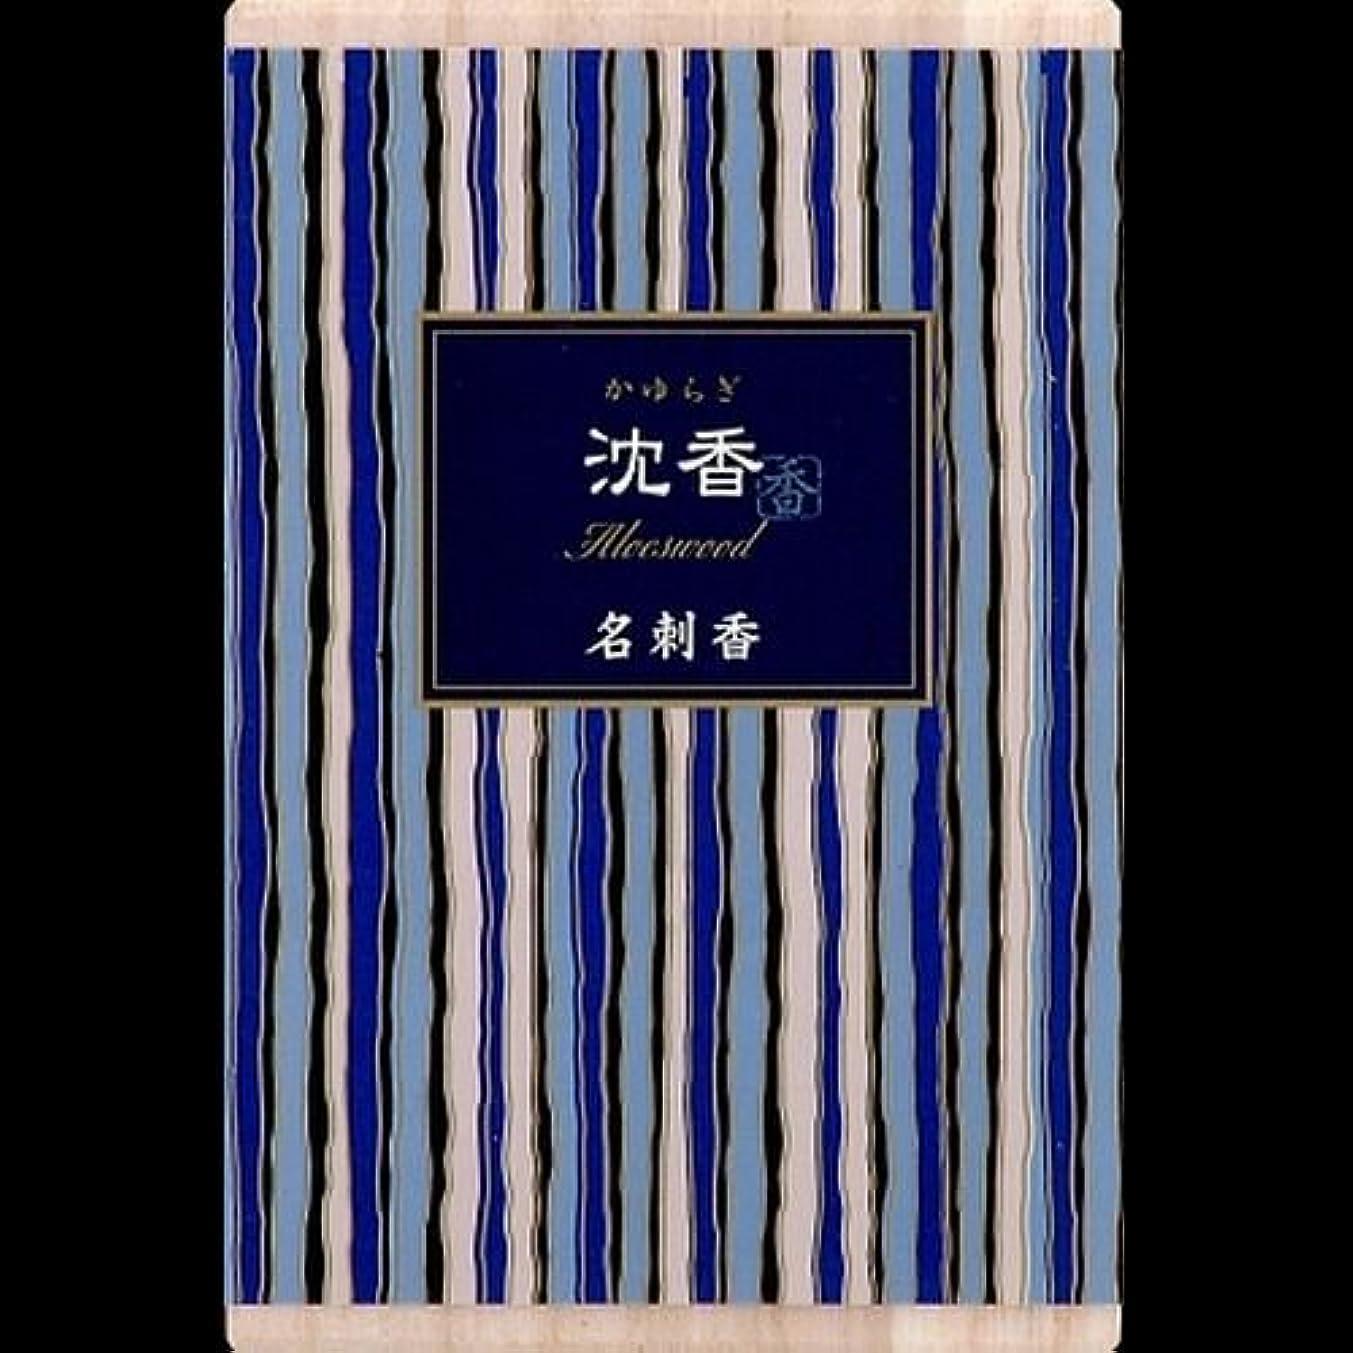 帝国親指流す【まとめ買い】かゆらぎ 沈香 名刺香 桐箱 6入 ×2セット